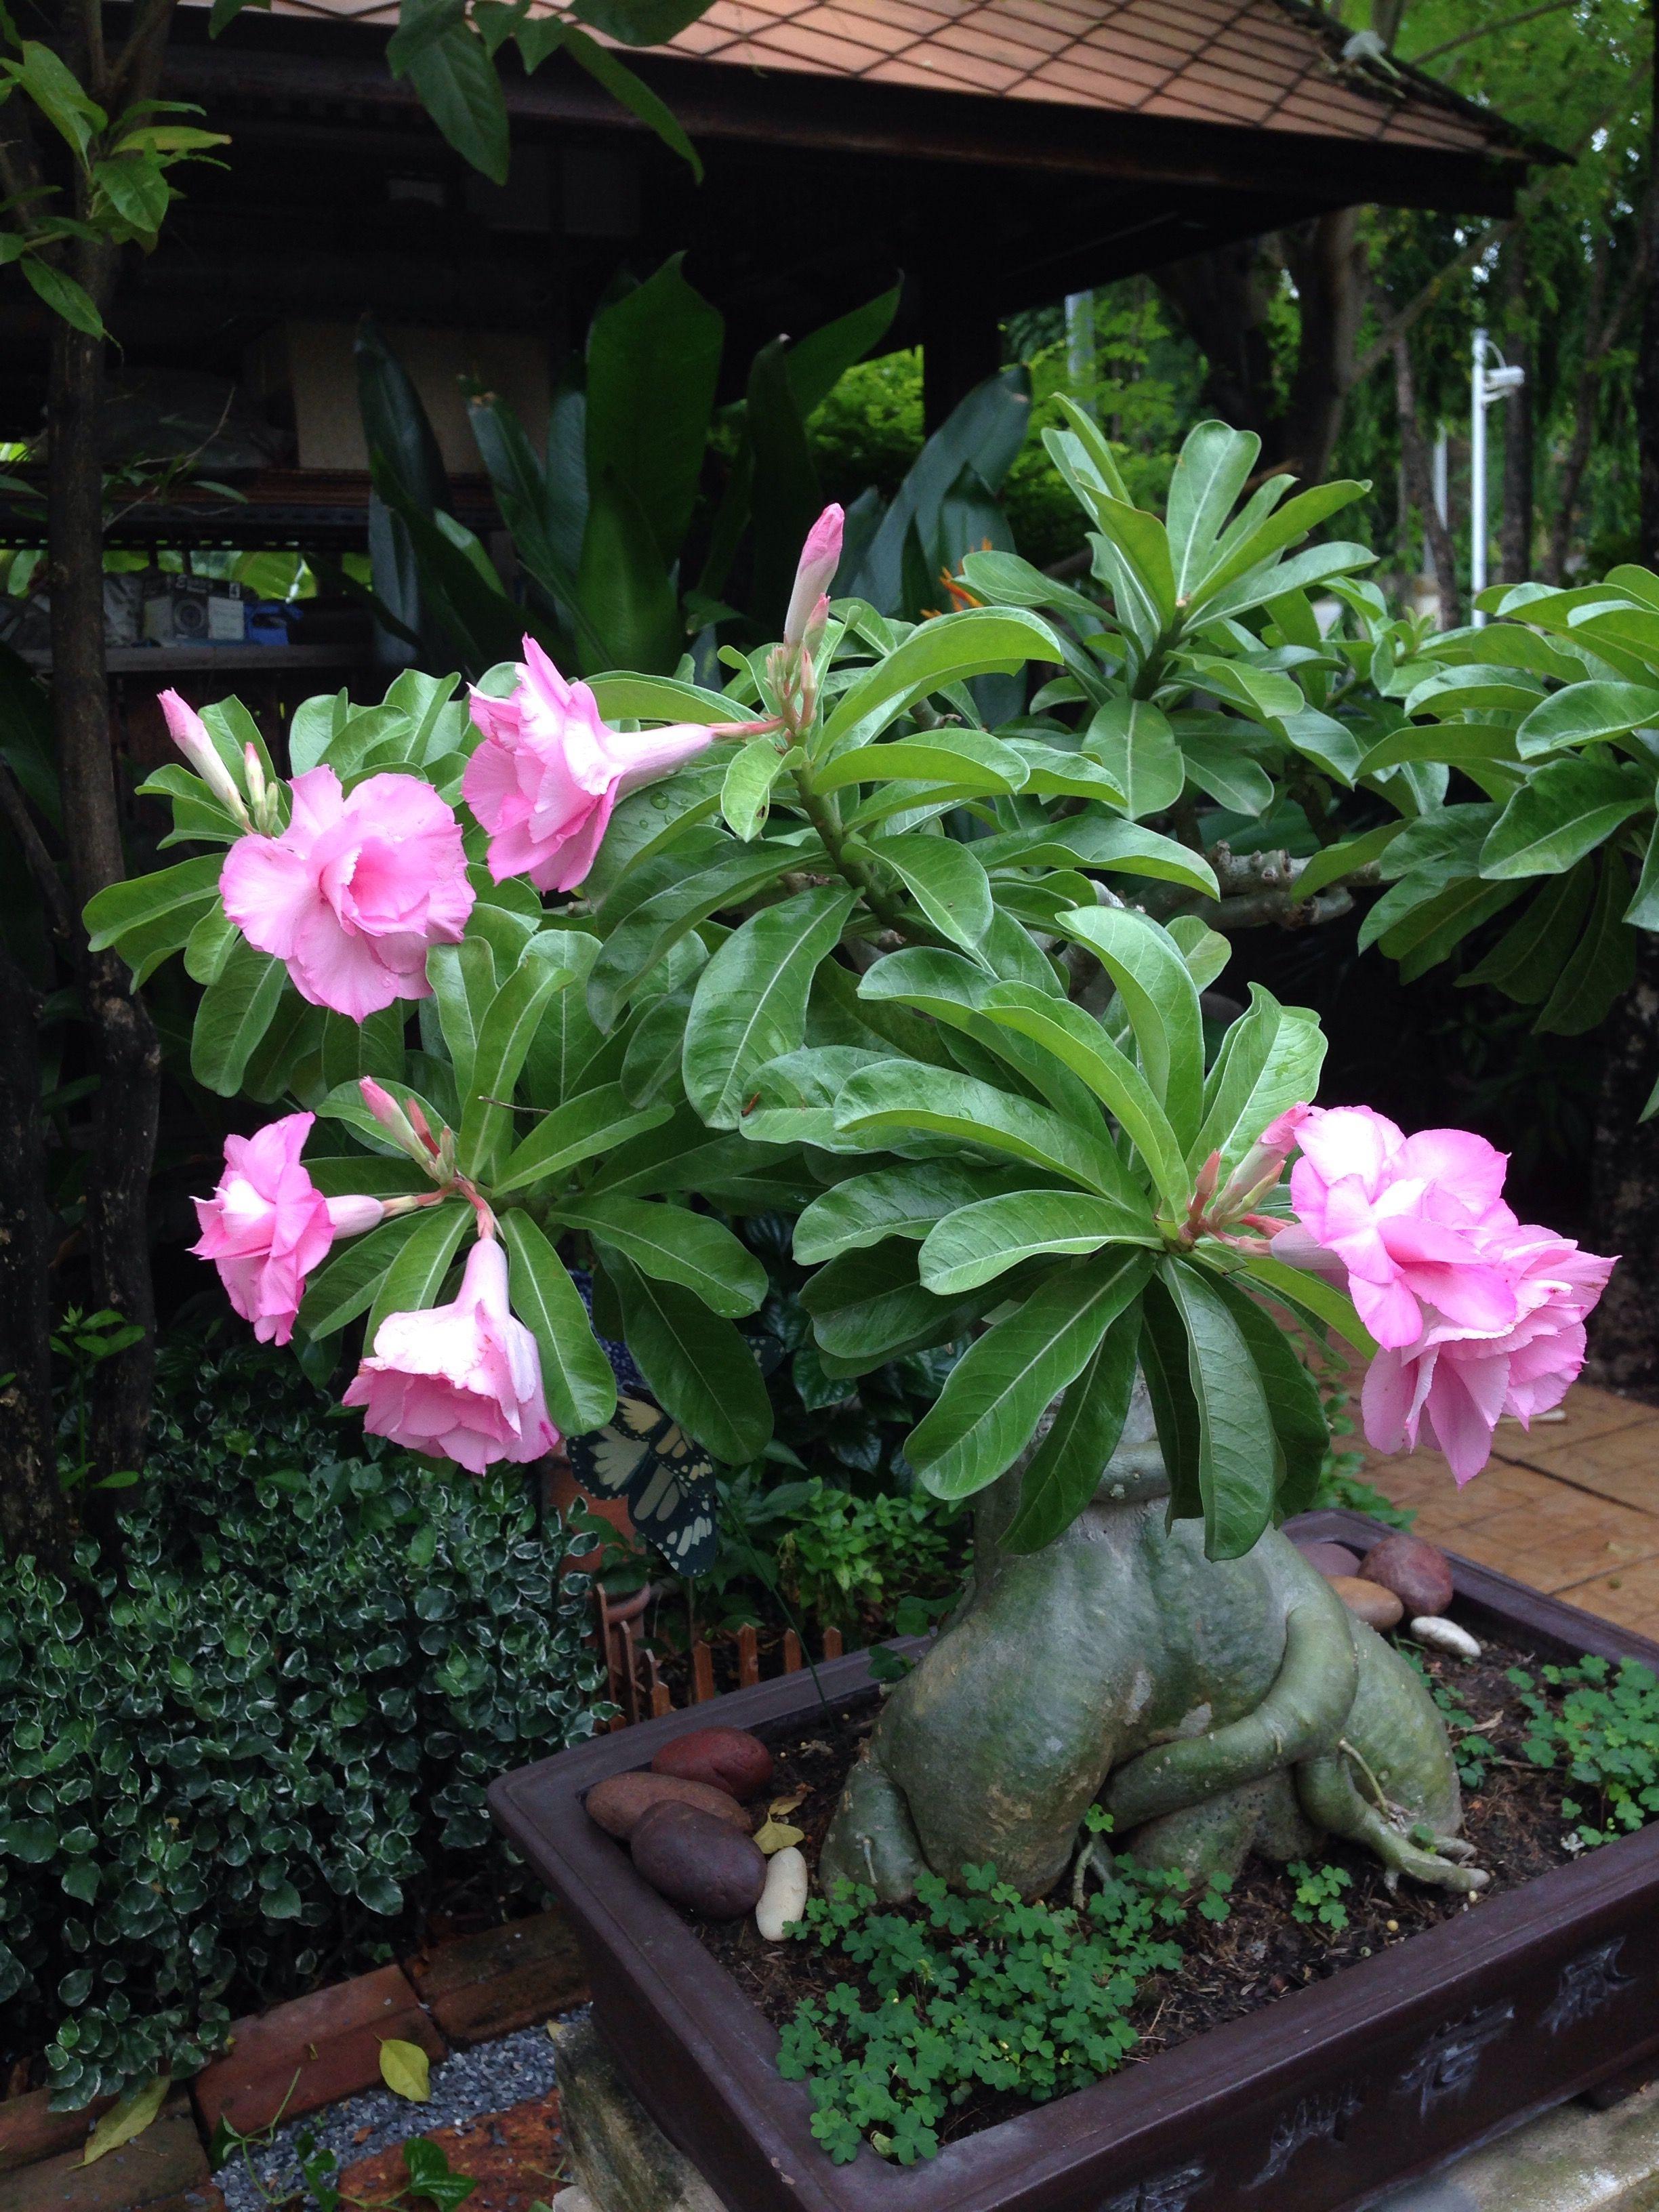 ปักพินโดย Claudia Mekunwattana ใน Garden in me